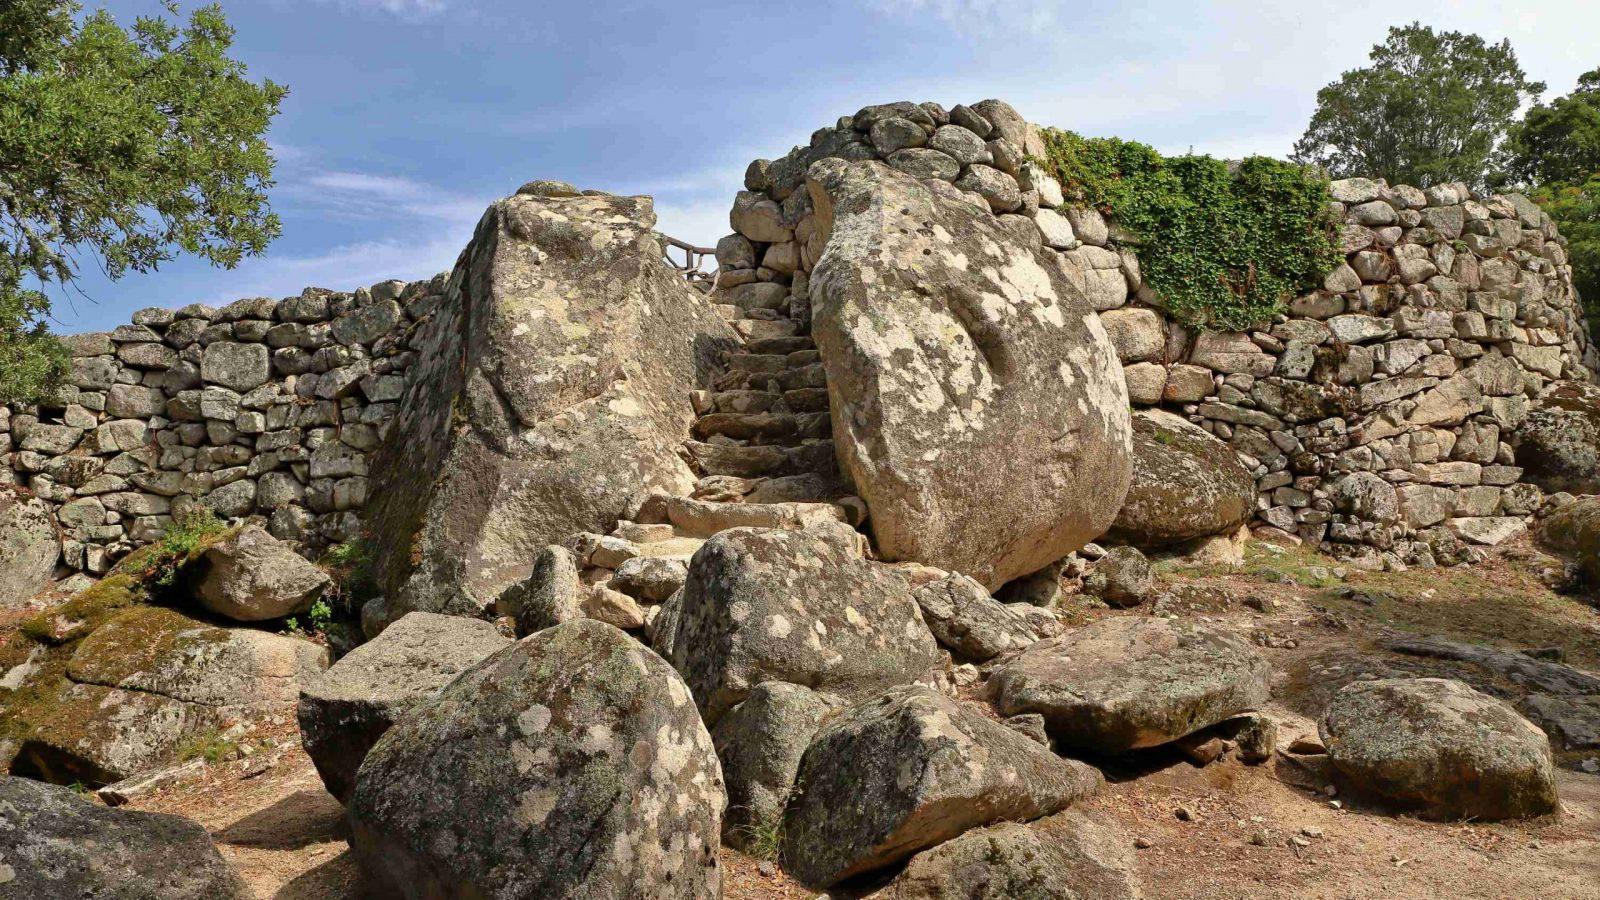 Cucuruzzu, arheološko najdbišče